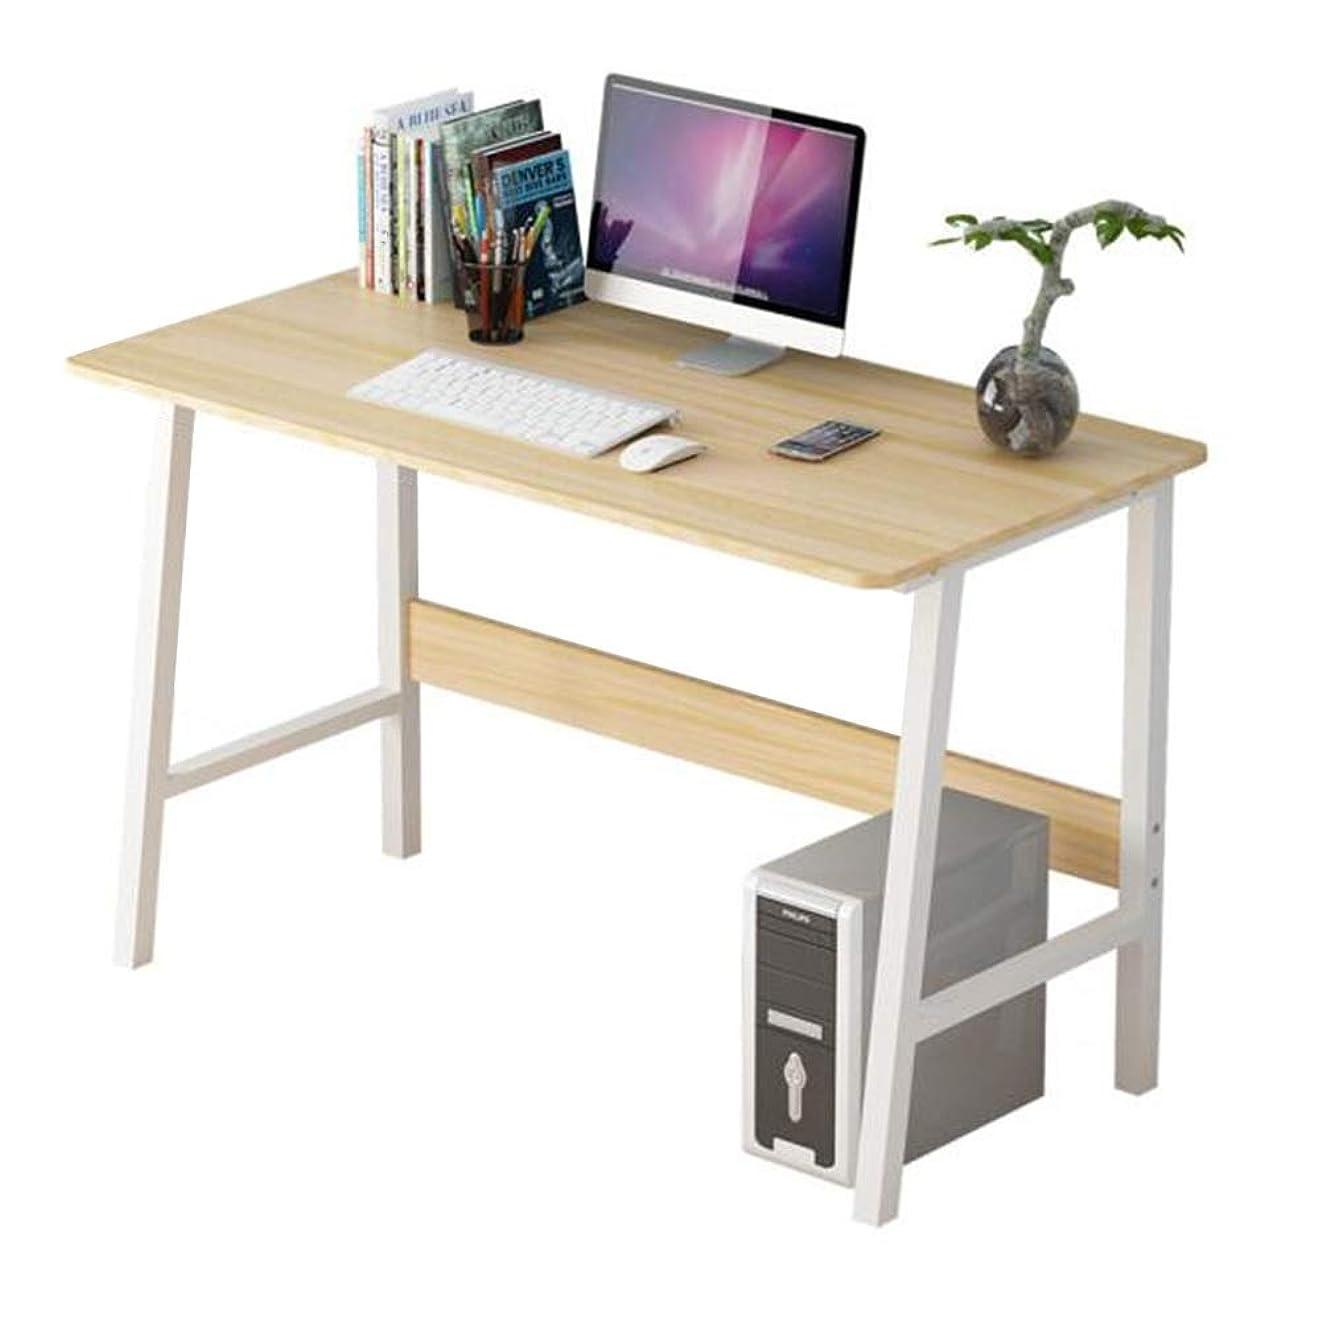 おもしろい達成口コンピュータデスク ホーム オフィステーブル テーブル 木製 スタディデスク パソコン ワークステーション W120×D55×H73cm CJC (色 : Wooden color)